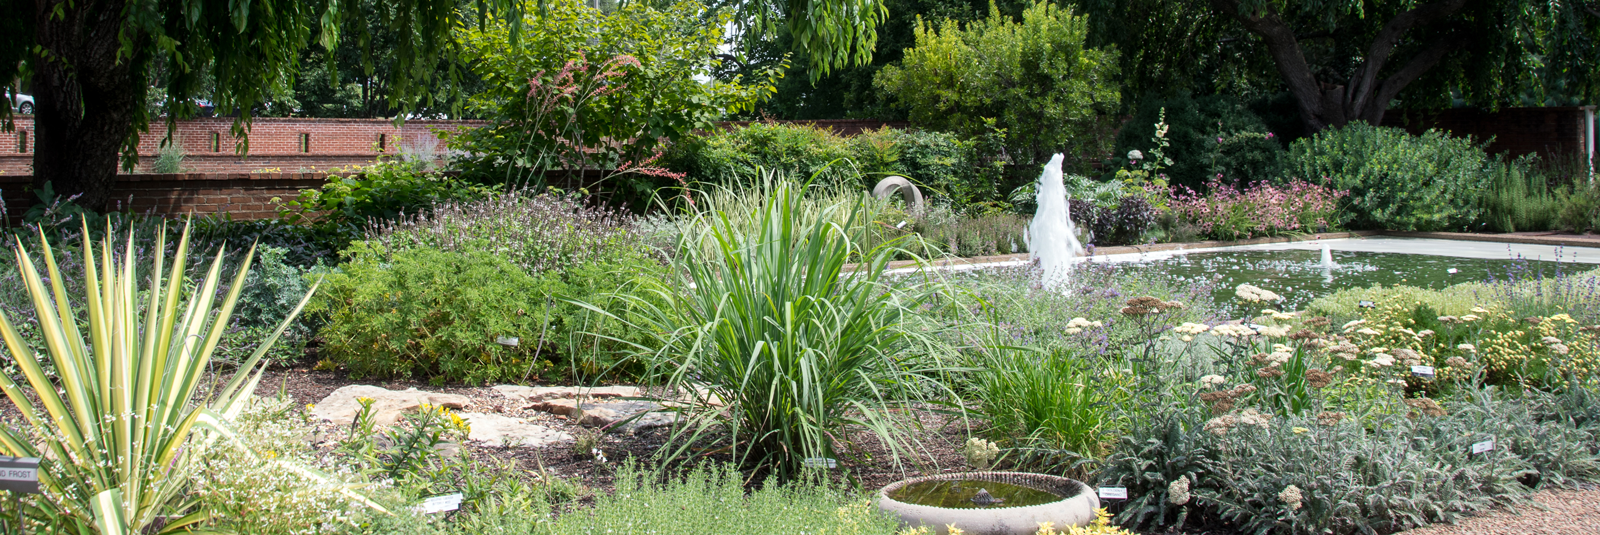 Members' Gardens